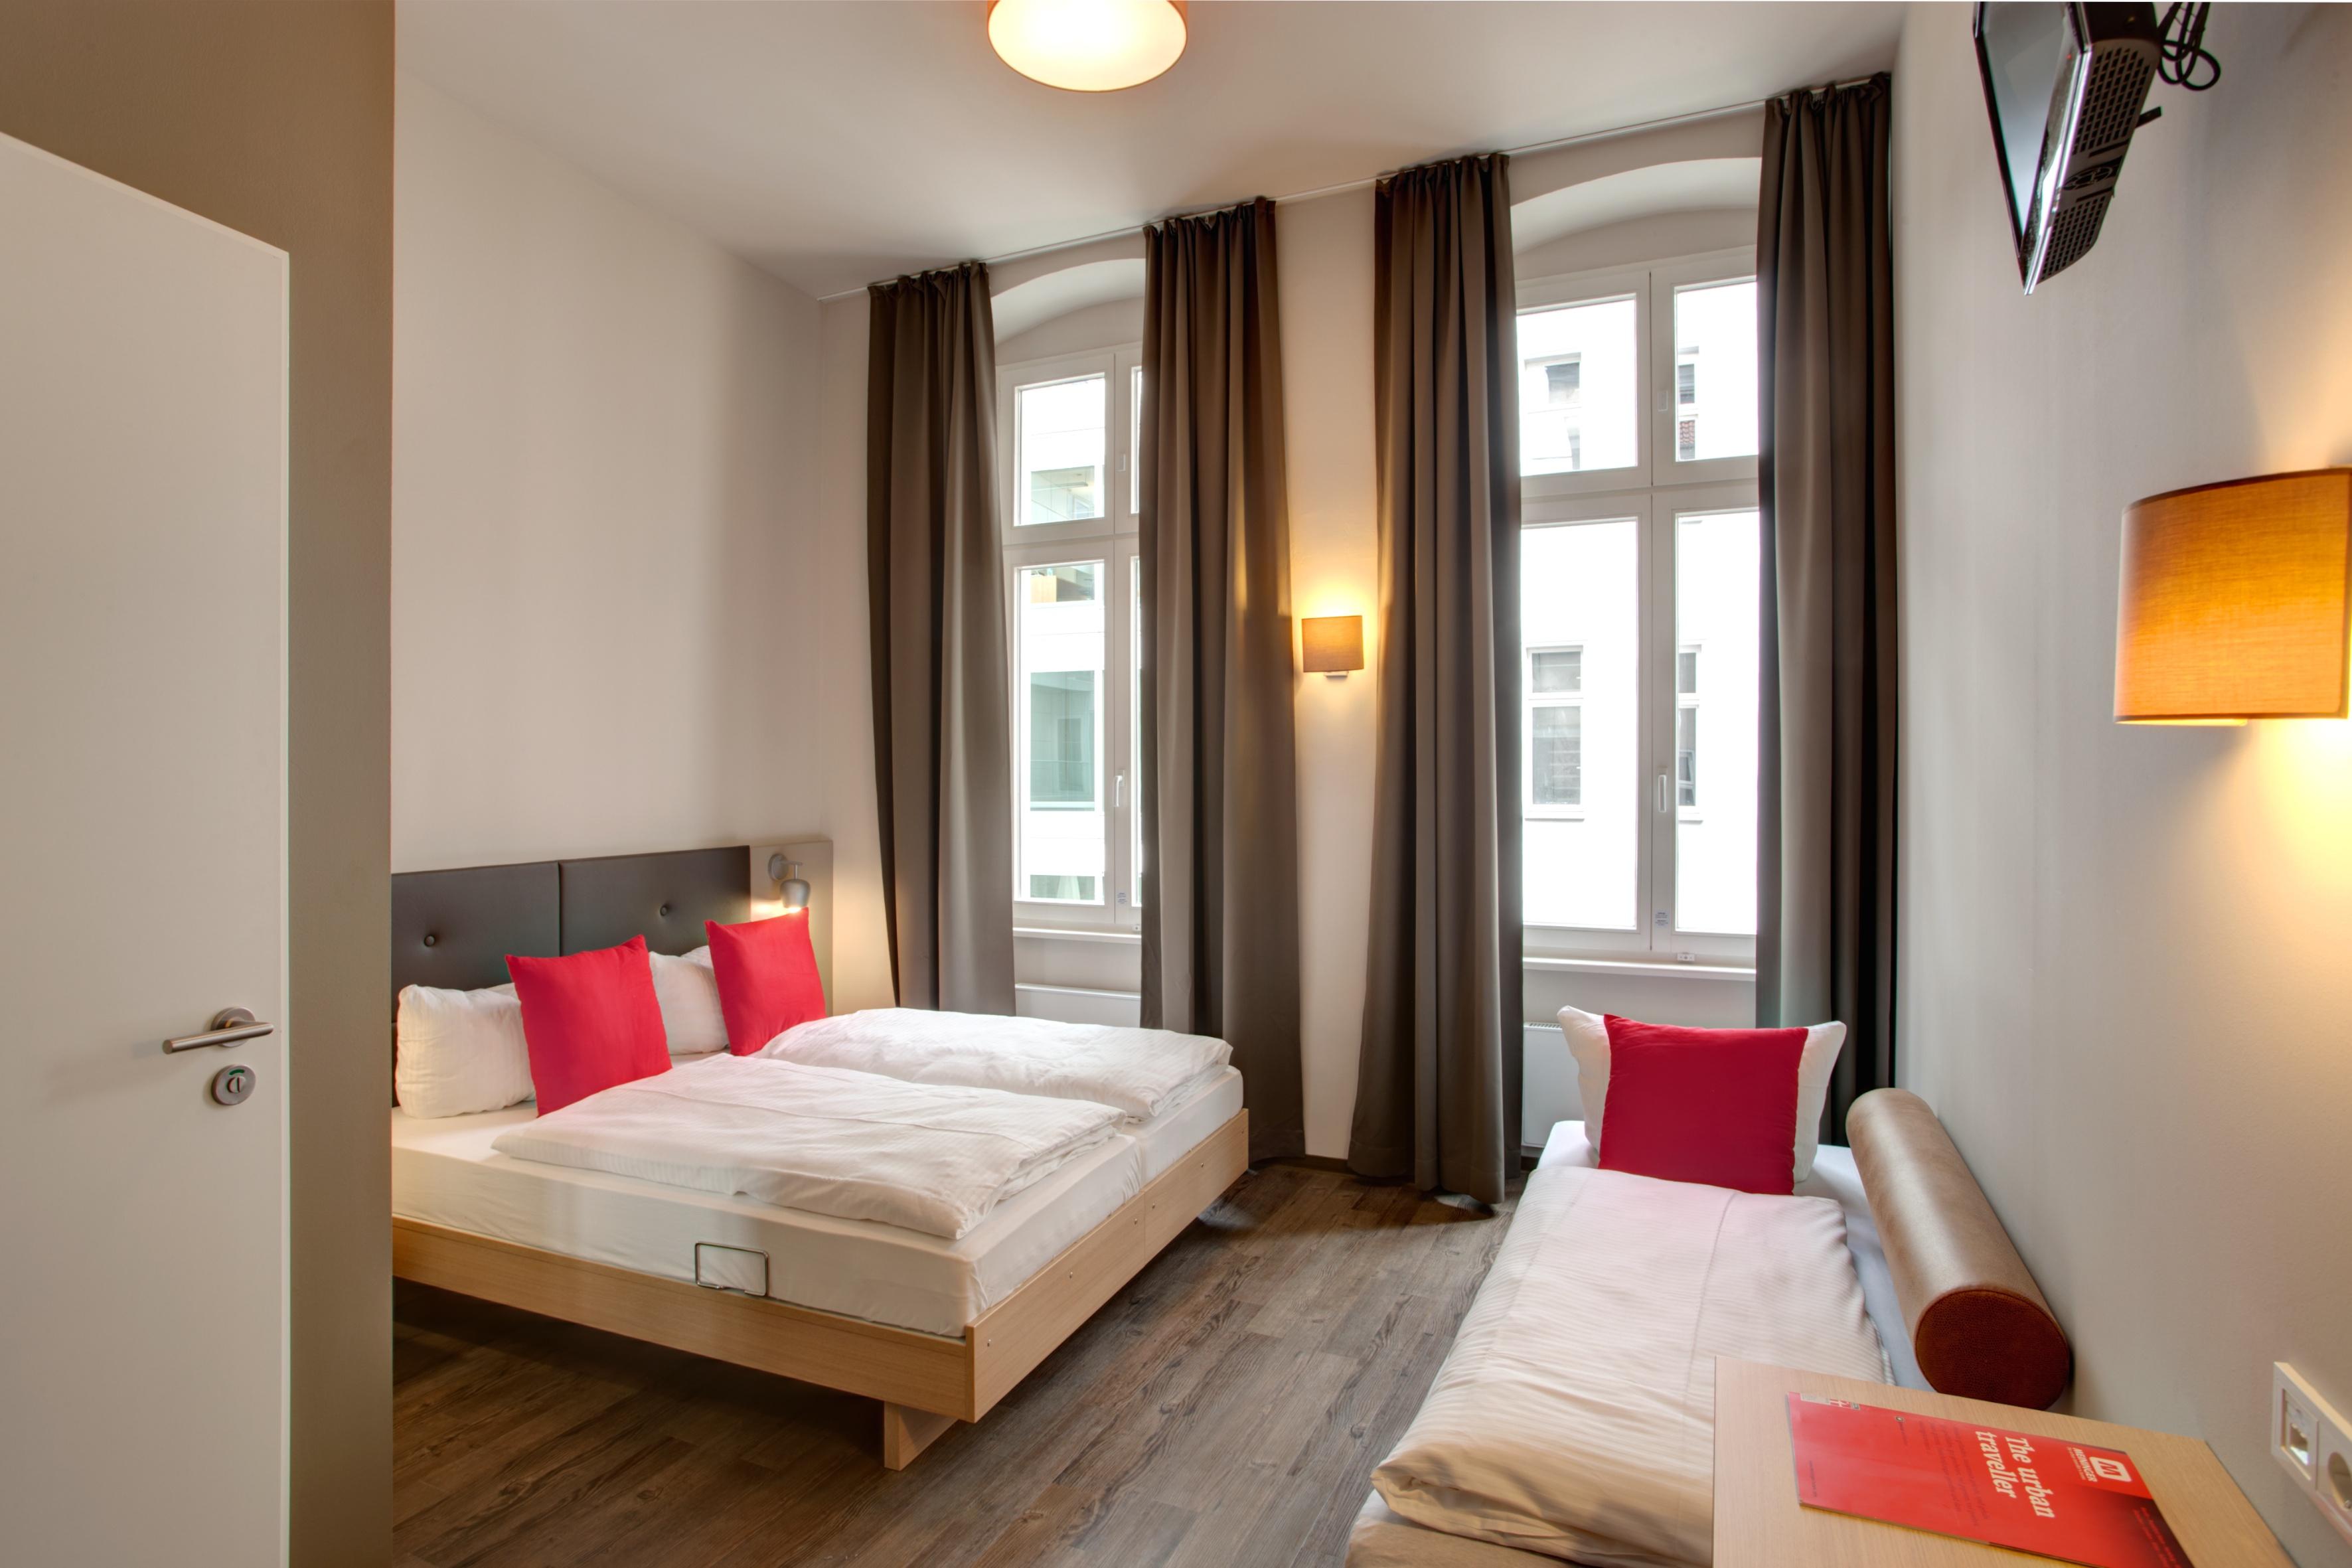 MEININGER Hotel Berlin Mitte - Multi-bed